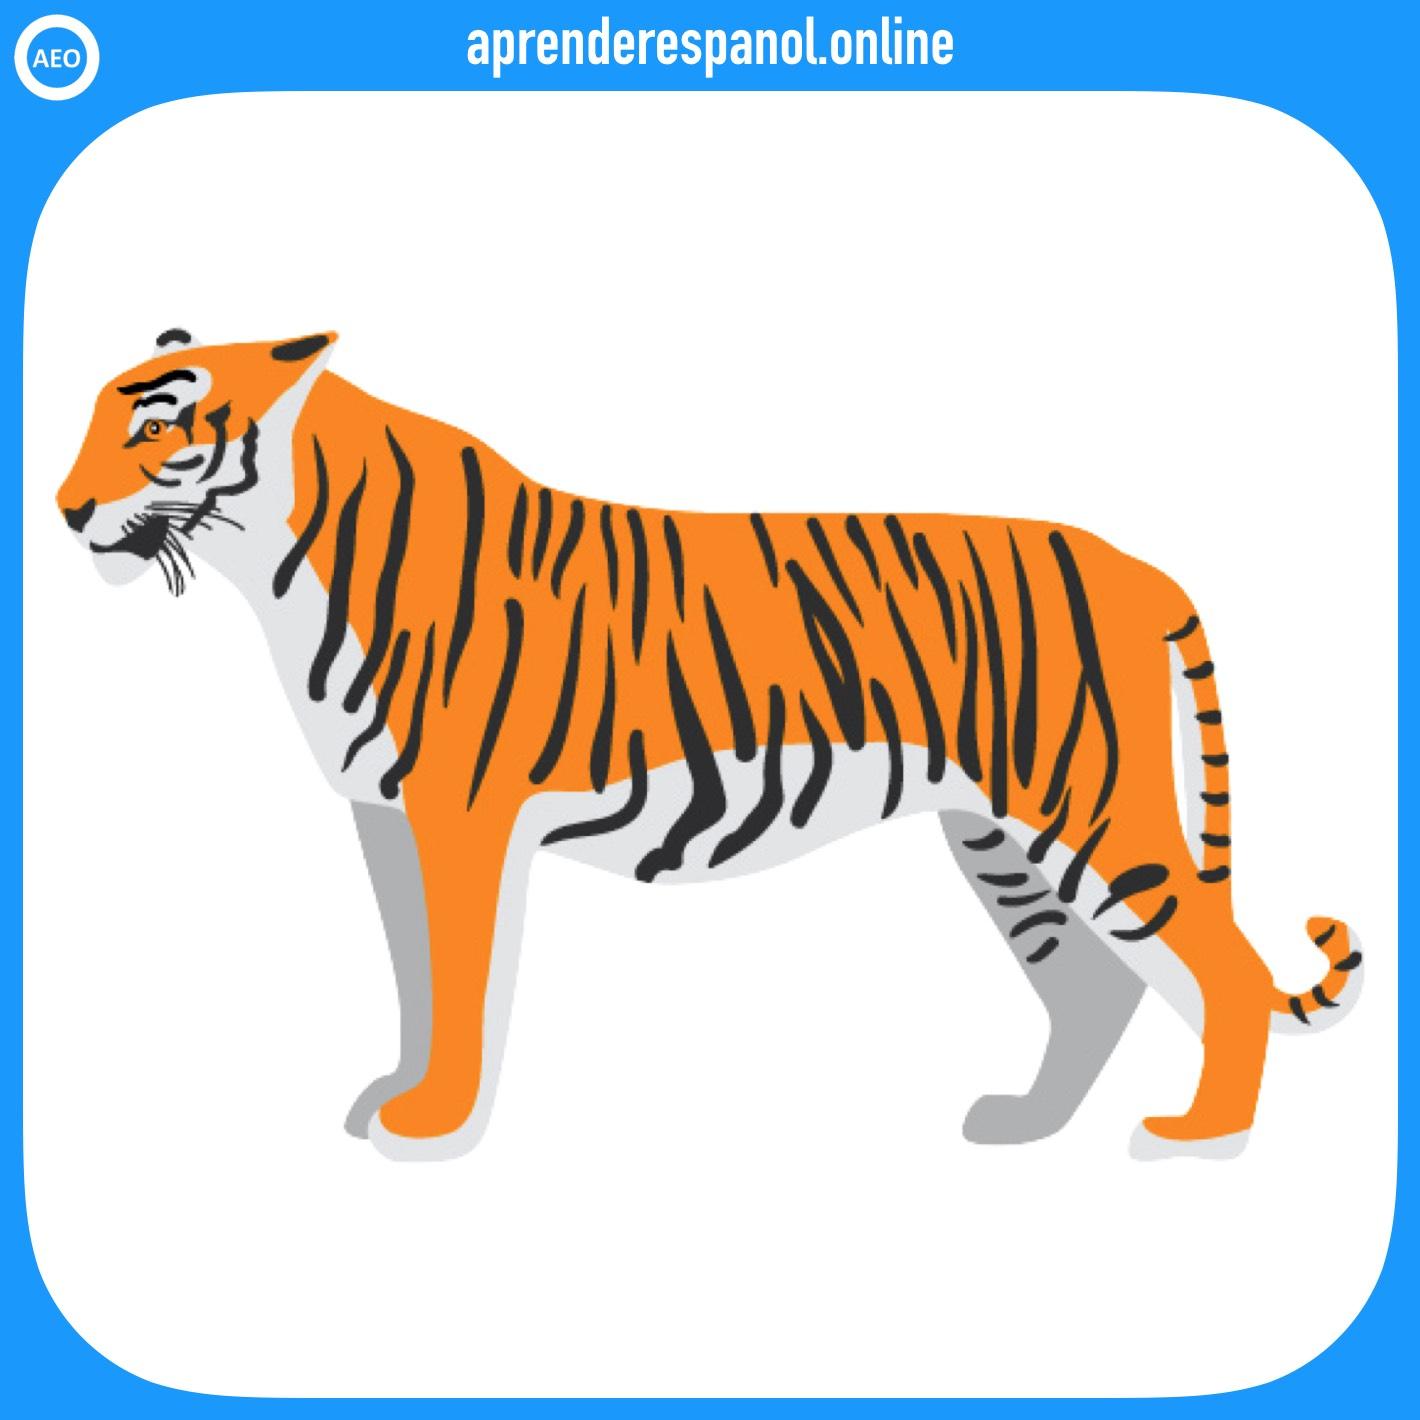 tigre | animales en español | vocabulario de los animales en español